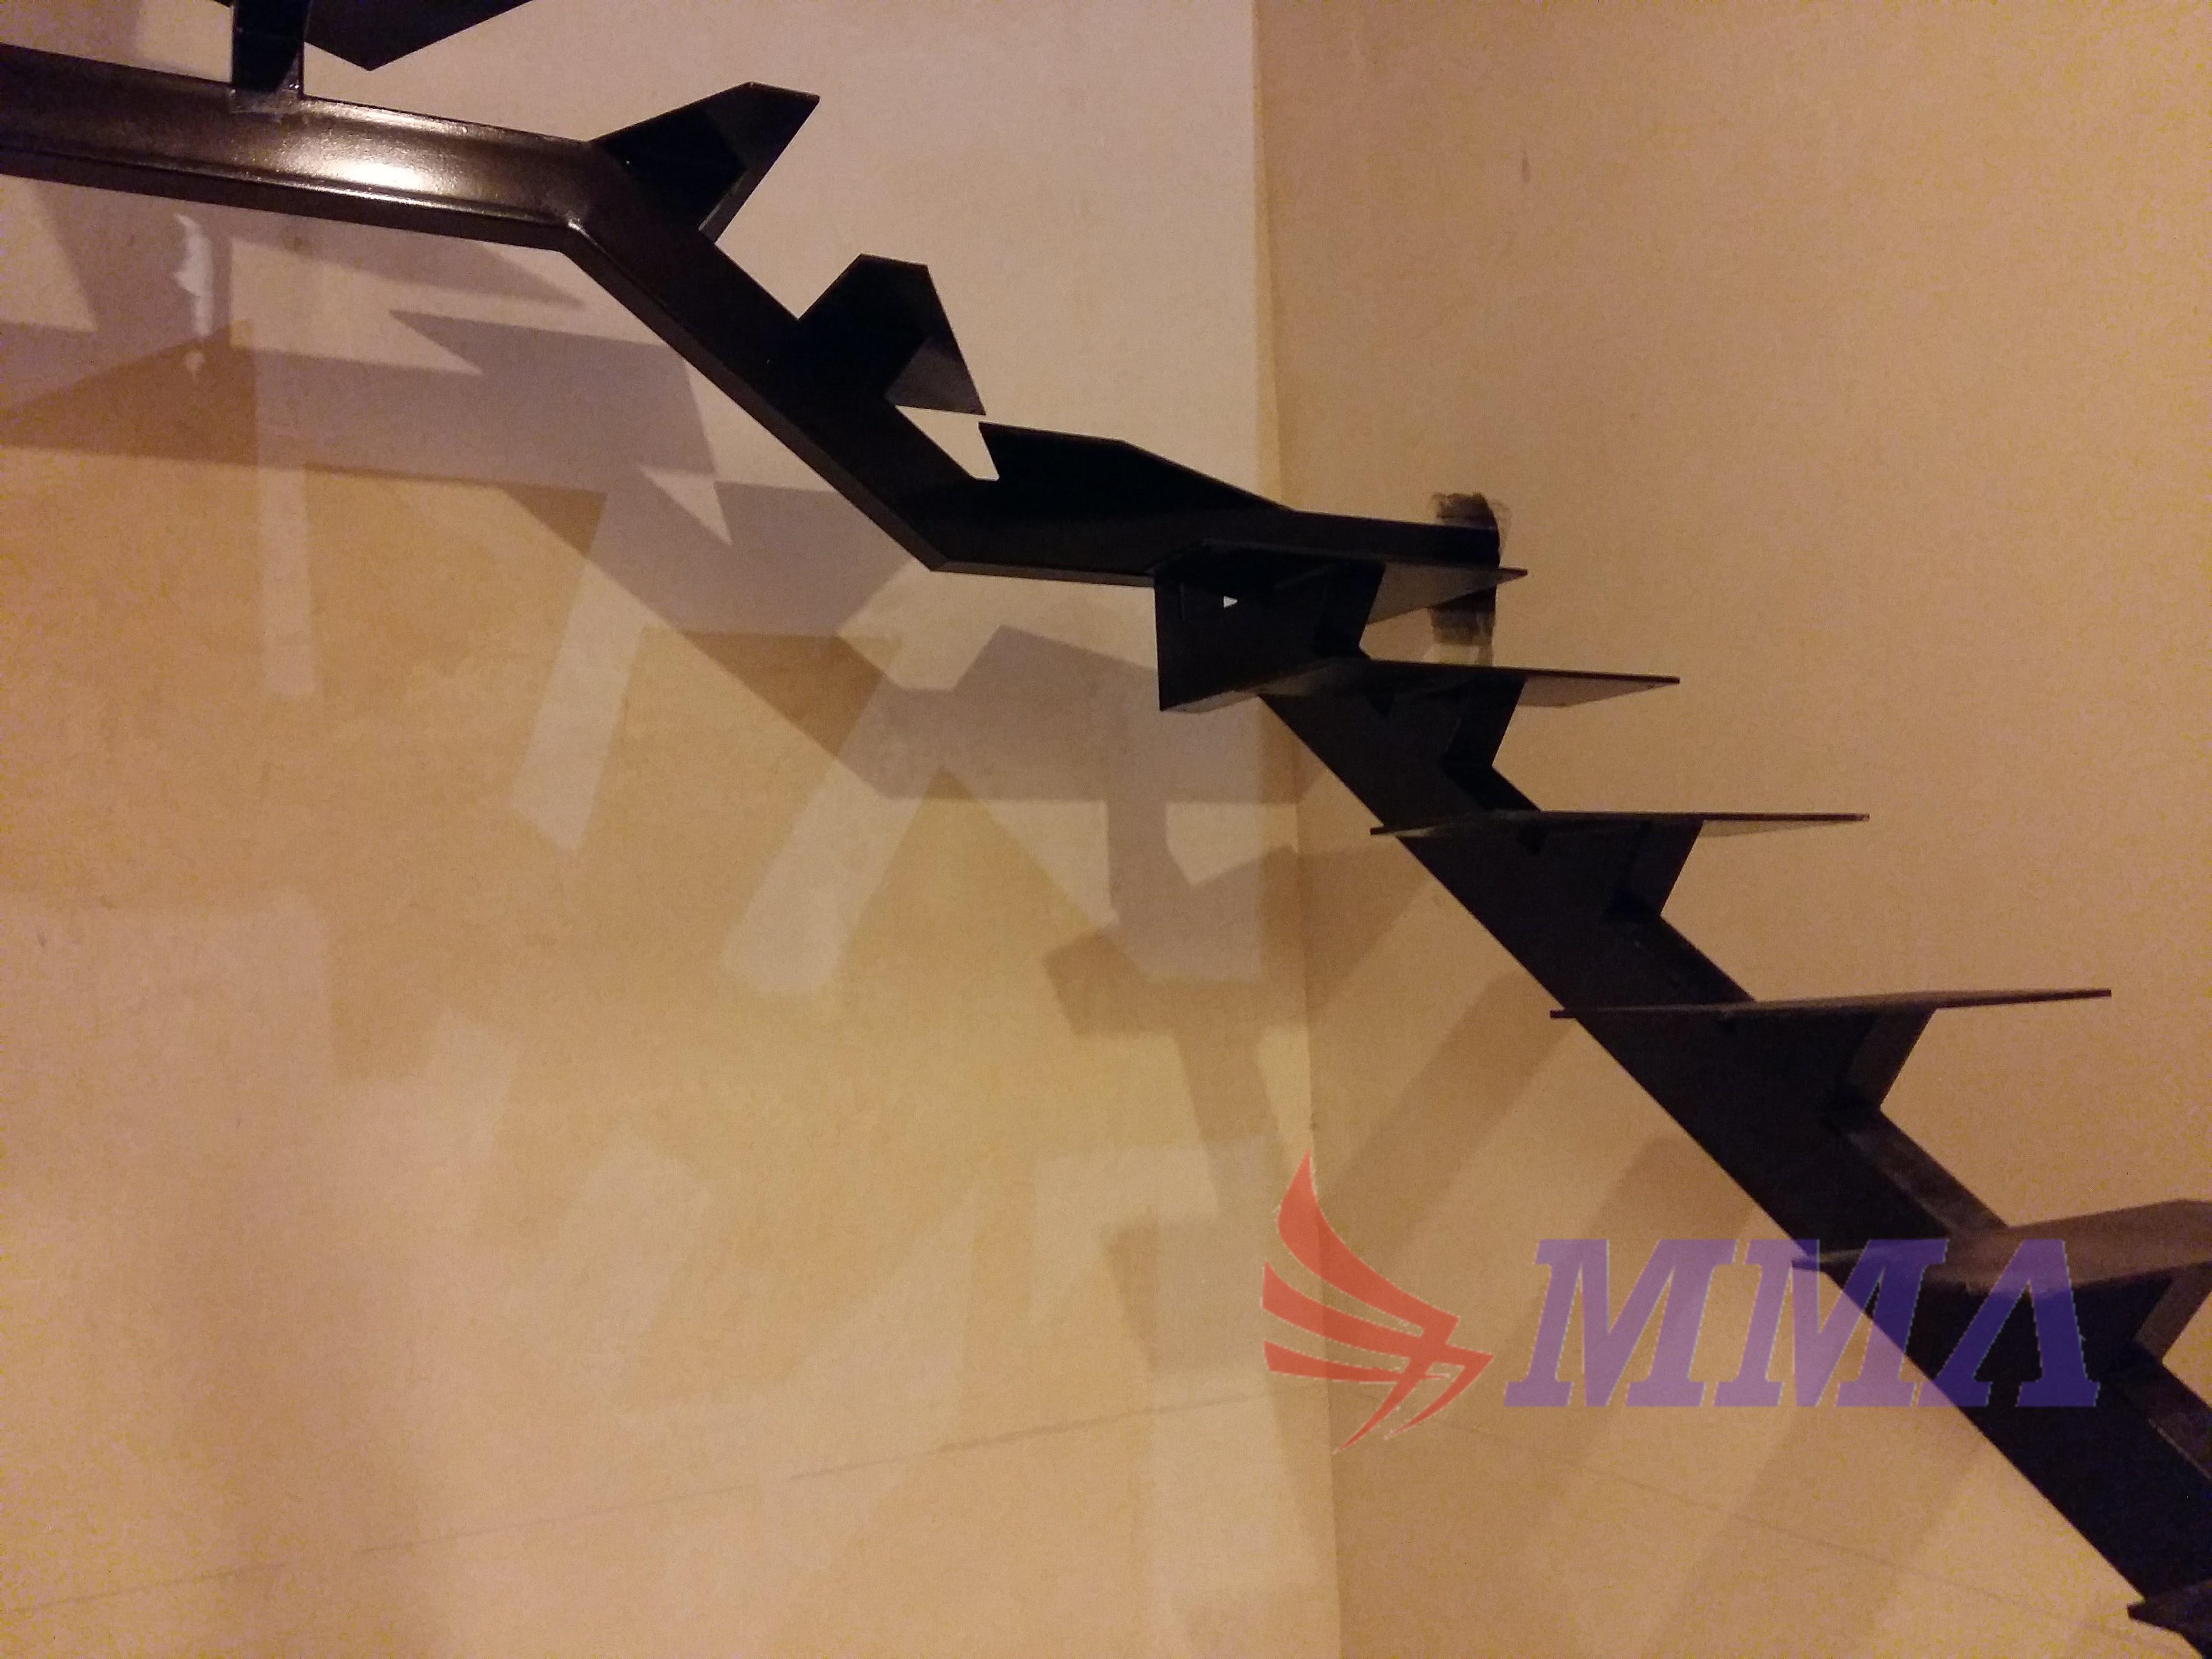 монокосоур лестницы